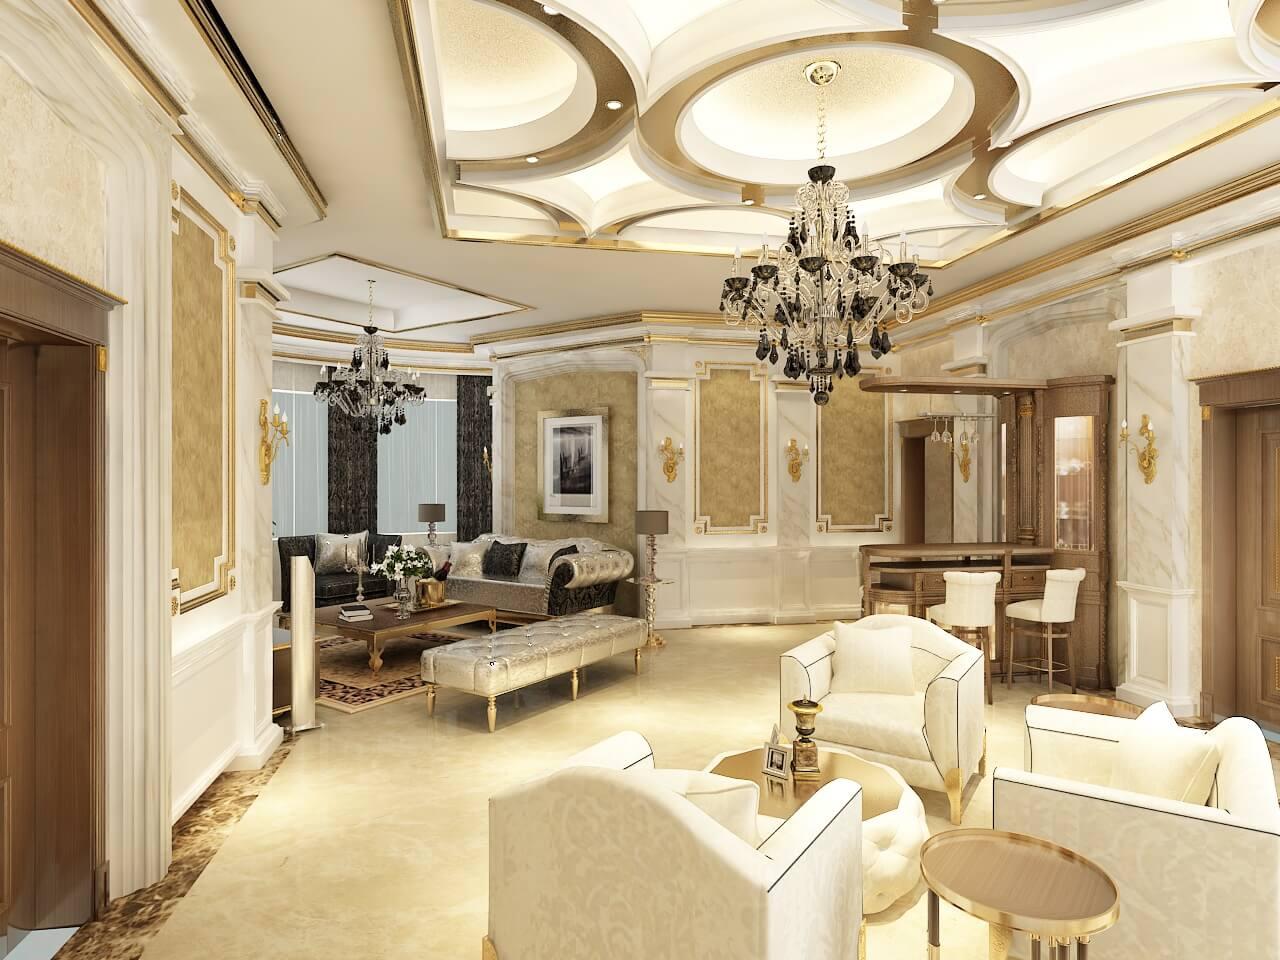 Private Villa, Emirates Hills - 27